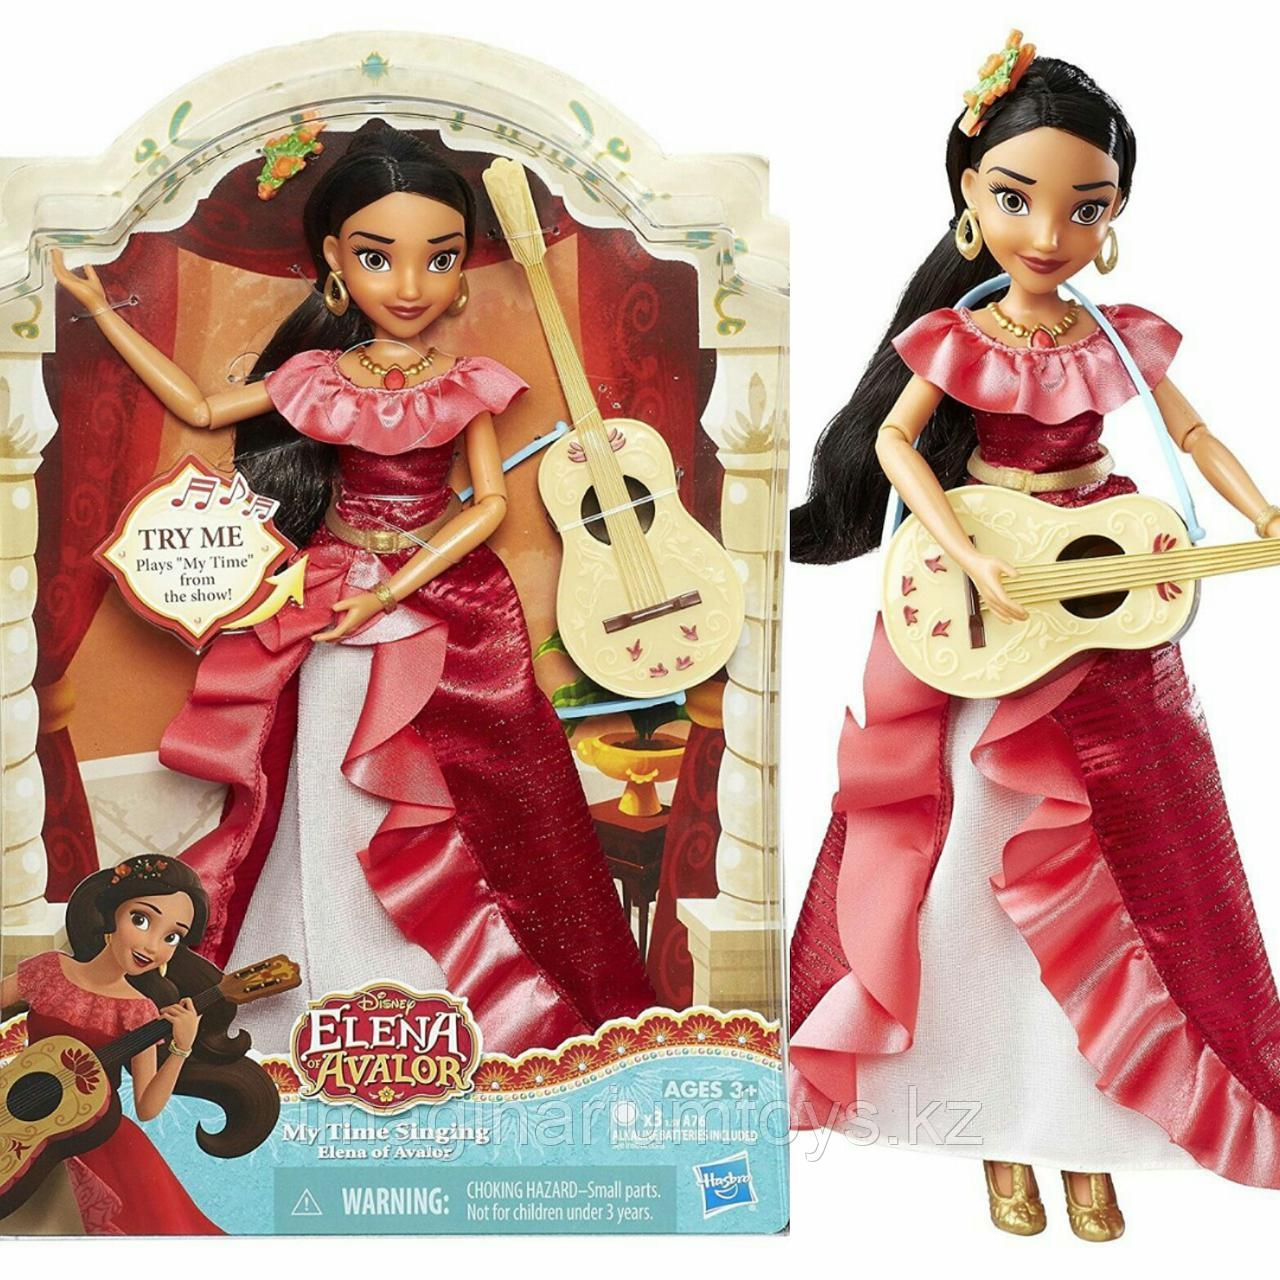 Кукла поющая Елена из м/ф «Елена из Авалора» Disney